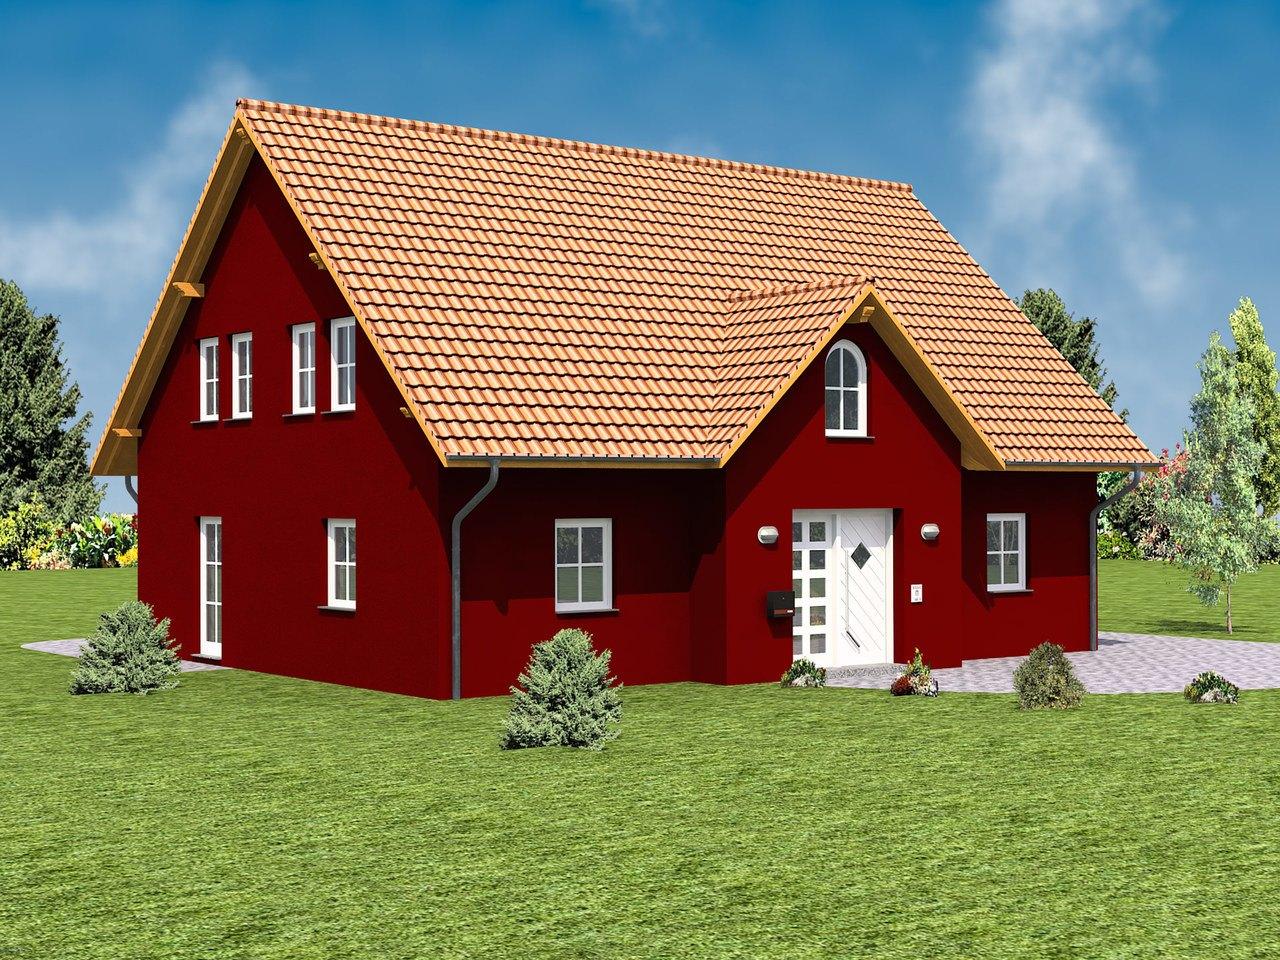 Stadthaus Ribnitz Ansicht 1 - IBIS Haus